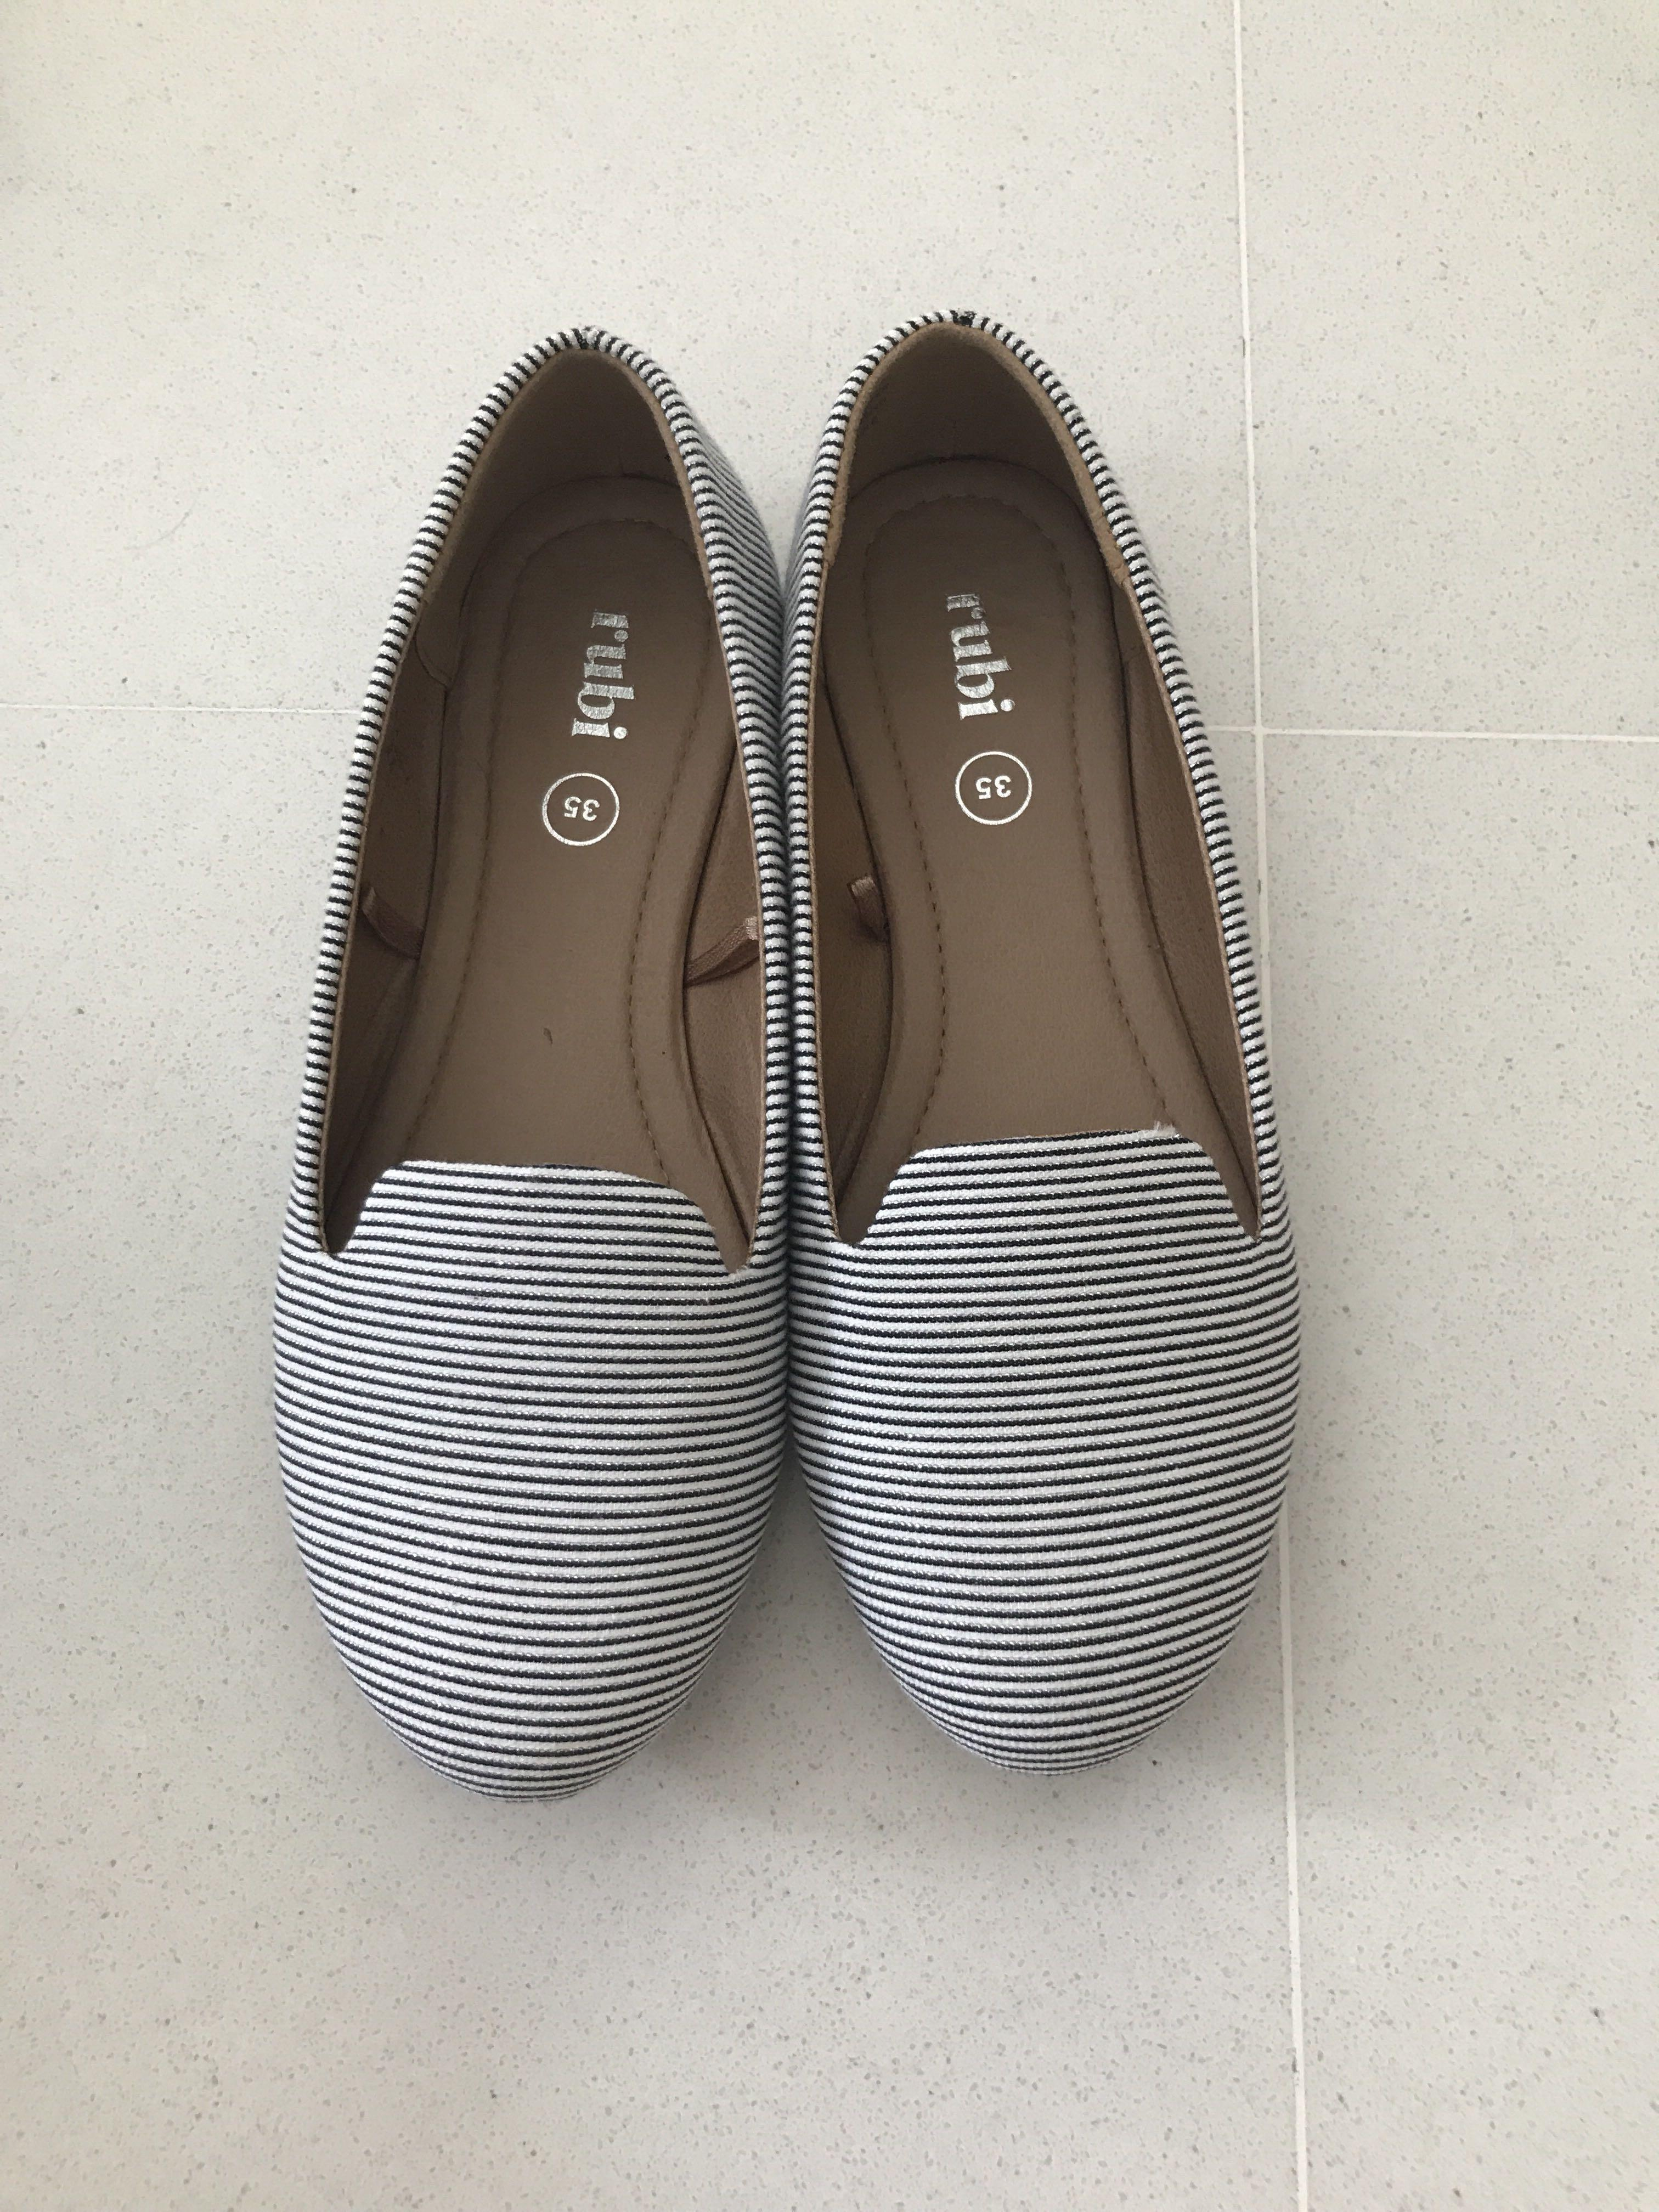 New Rubi flats, Women's Fashion, Shoes